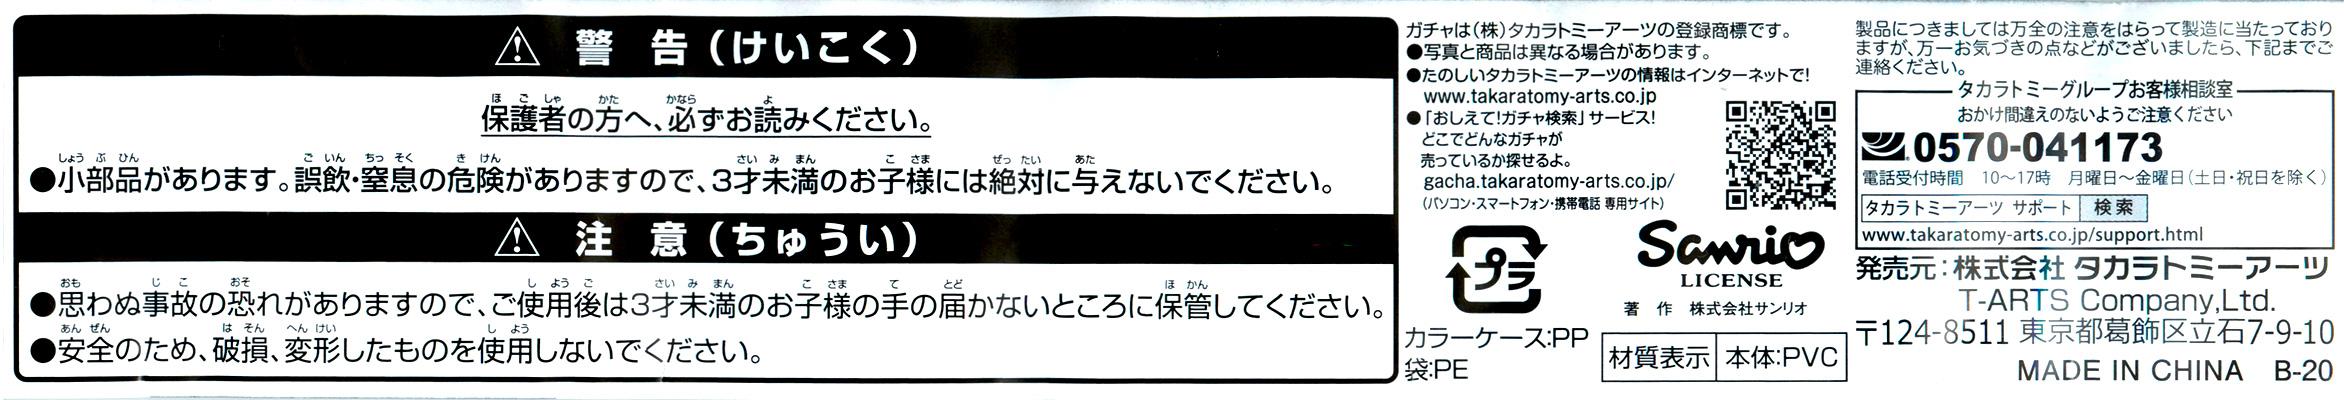 サンリオキャラクターズ すやすやフィギュア [タカラトミーアーツ]